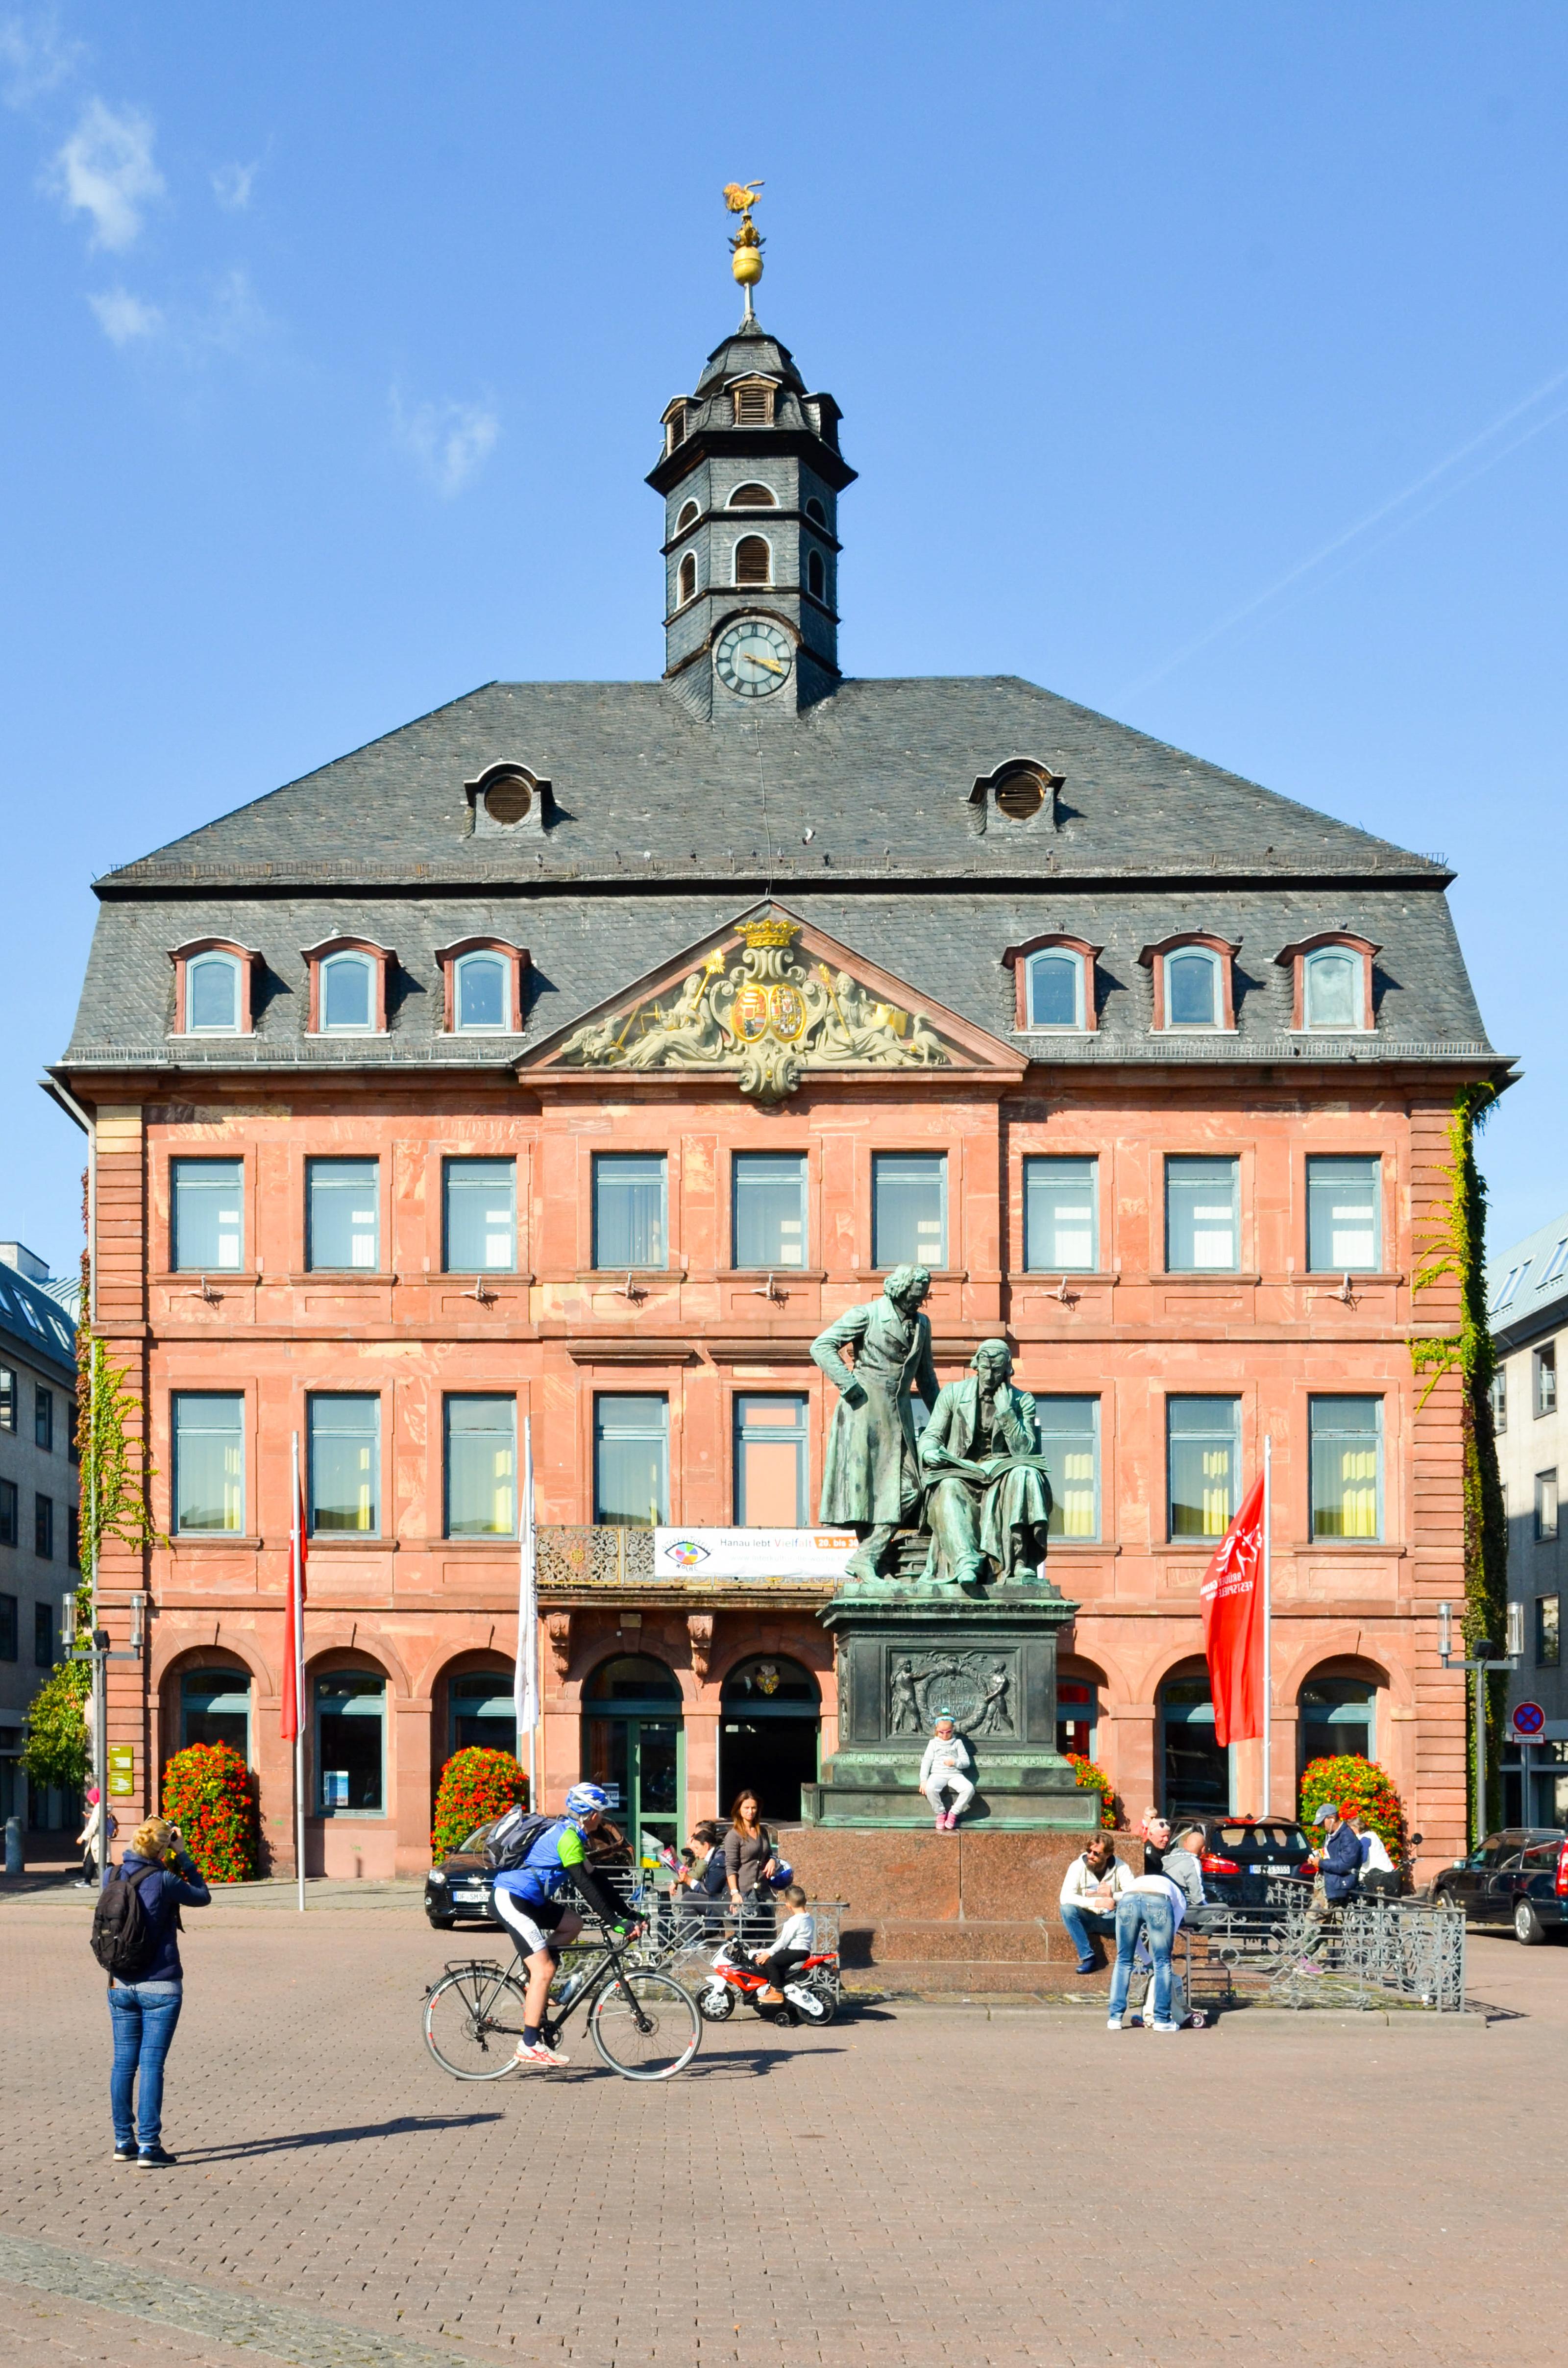 1_H_Radroute_Brueder Grimm Denkmal in Hanau.jpg